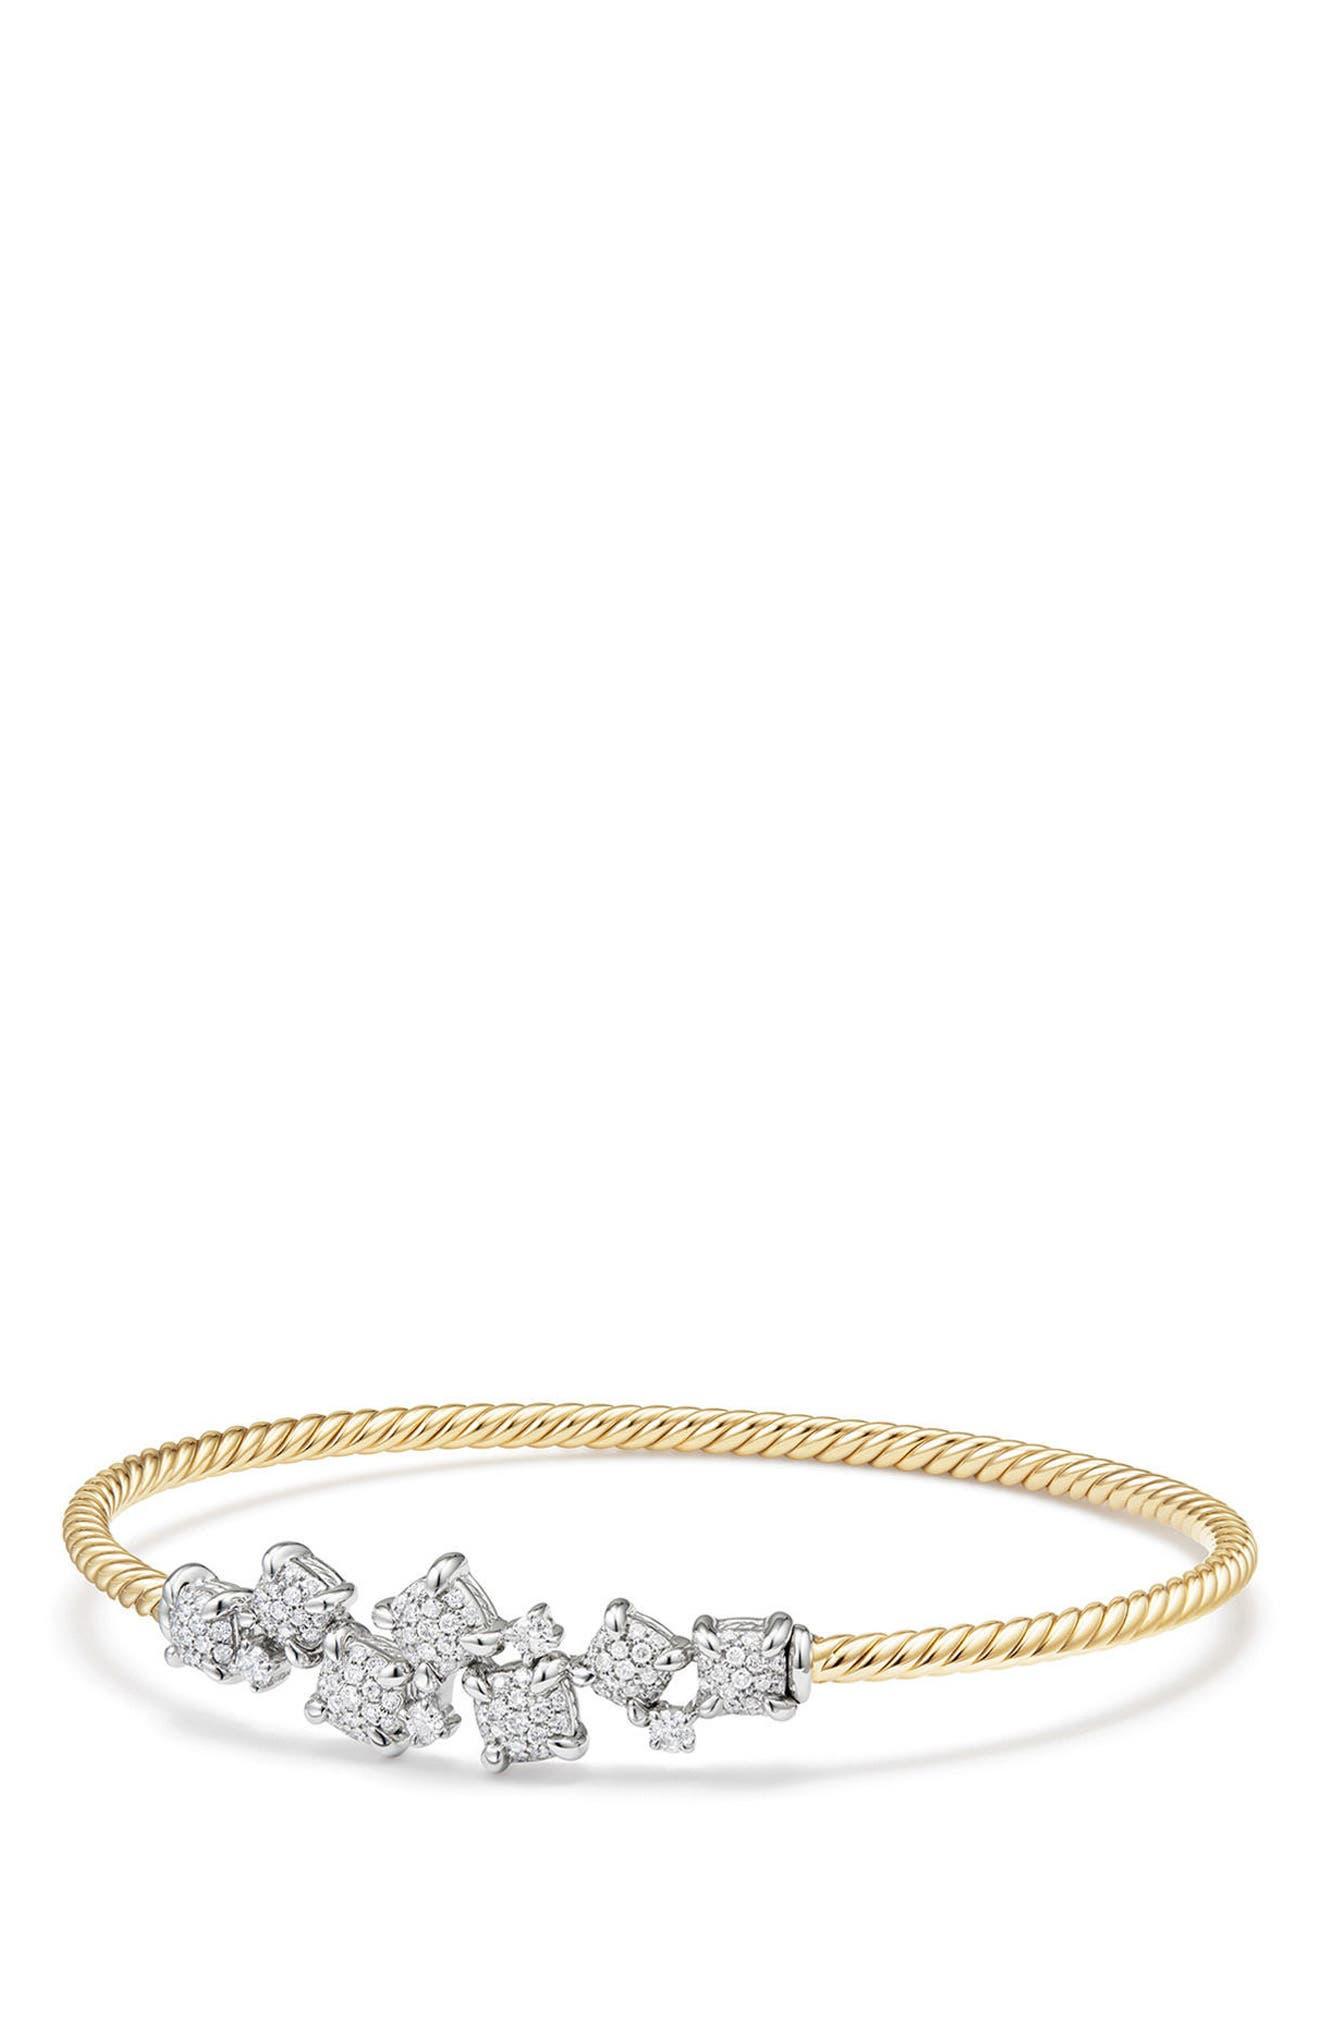 David Yurman Precious Châtelaine Bracelet with Diamonds in 18K Gold